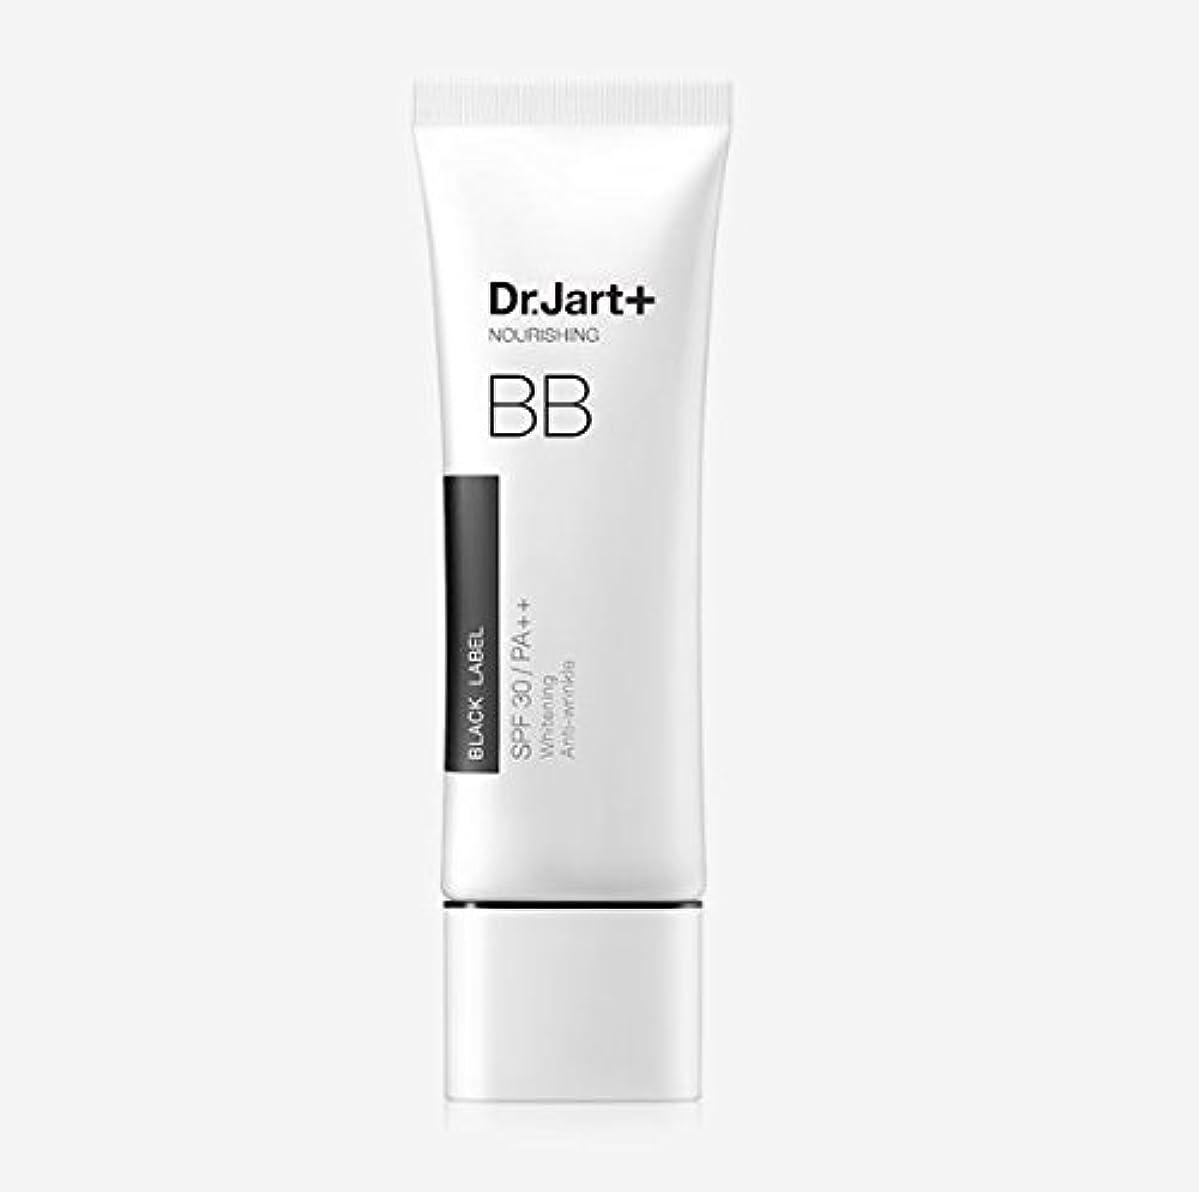 告発援助するホバート[Dr. Jart] Black Label BB Nourishing Beauty Balm 50ml SPF30 PA++/[ドクタージャルト] ブラックラベル BB ナリーシン ビューティー バーム 50ml SPF30...